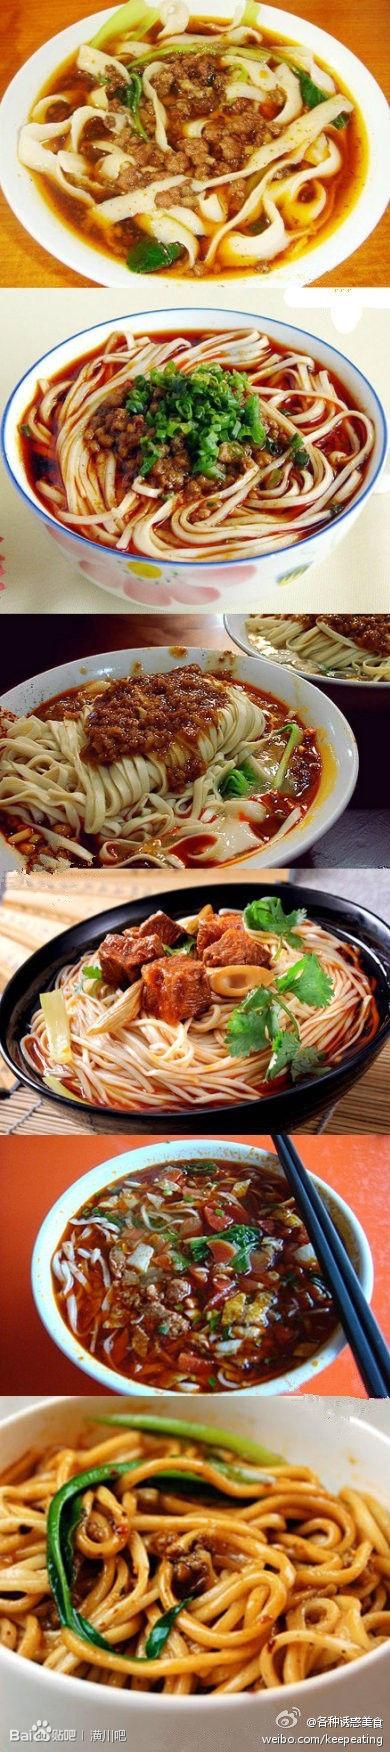 中国最好吃的六大面食你吃过几种?